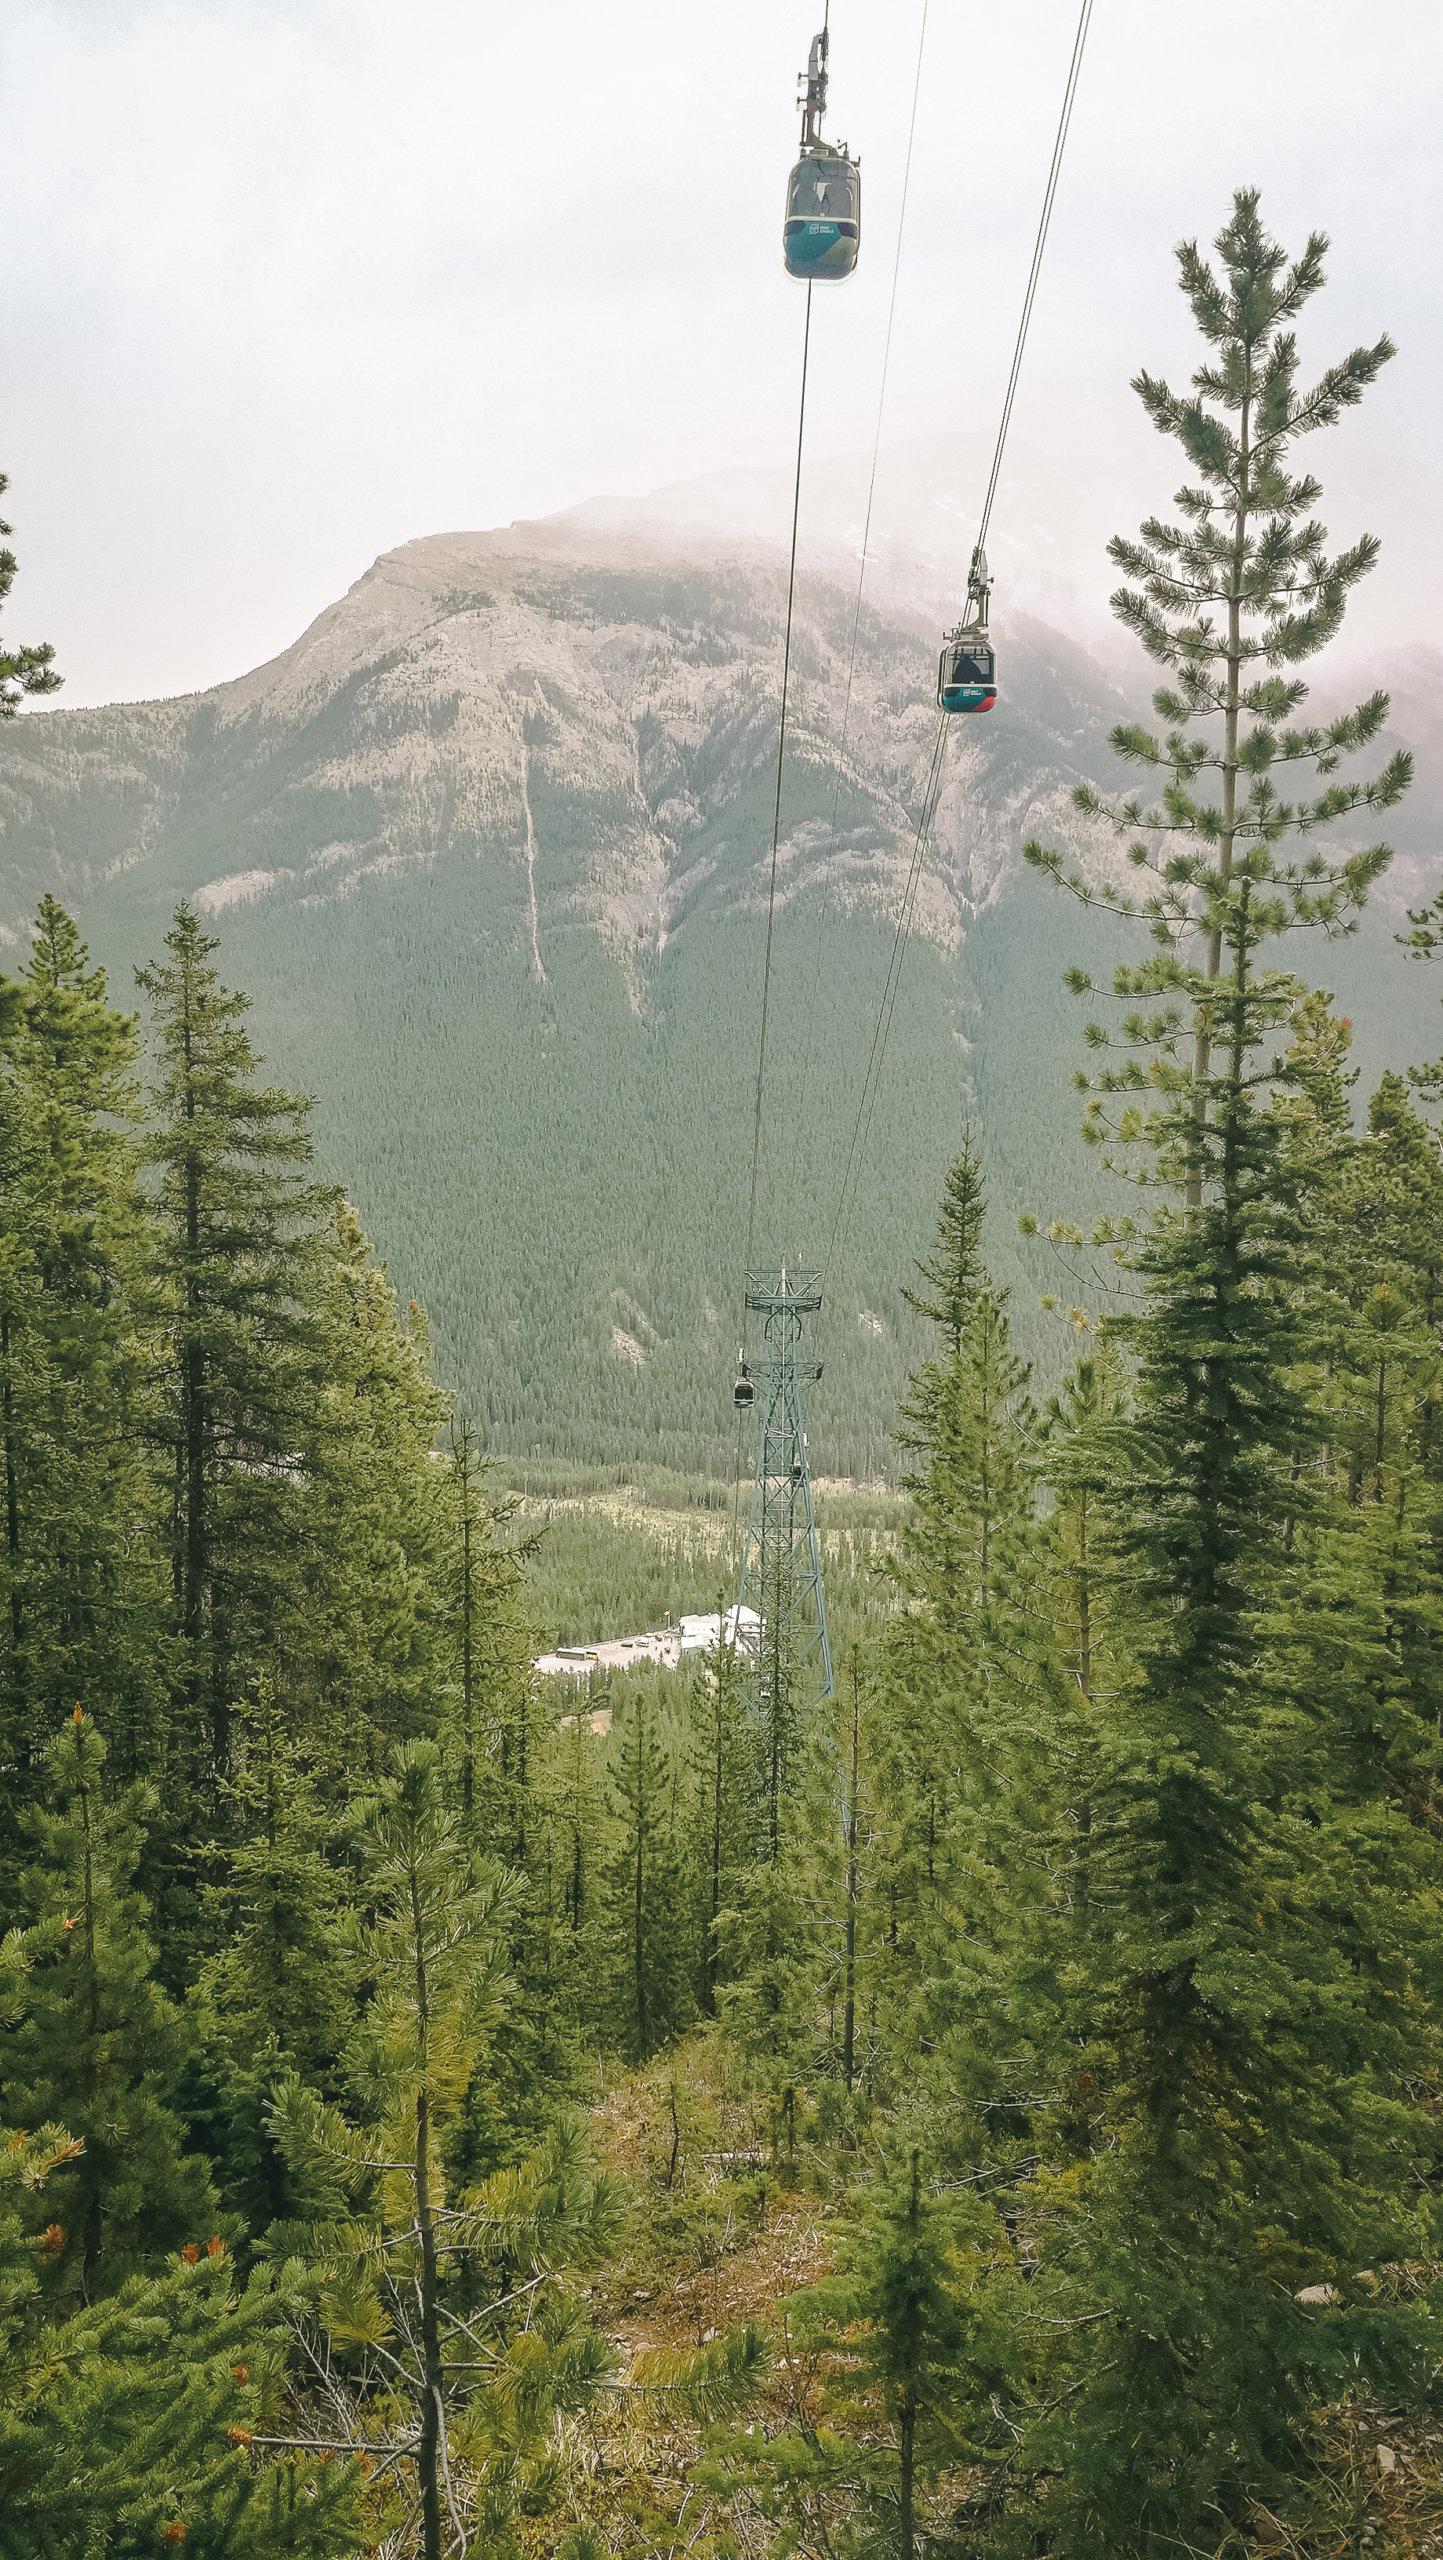 Die Gondel zum Sulphur Mountain